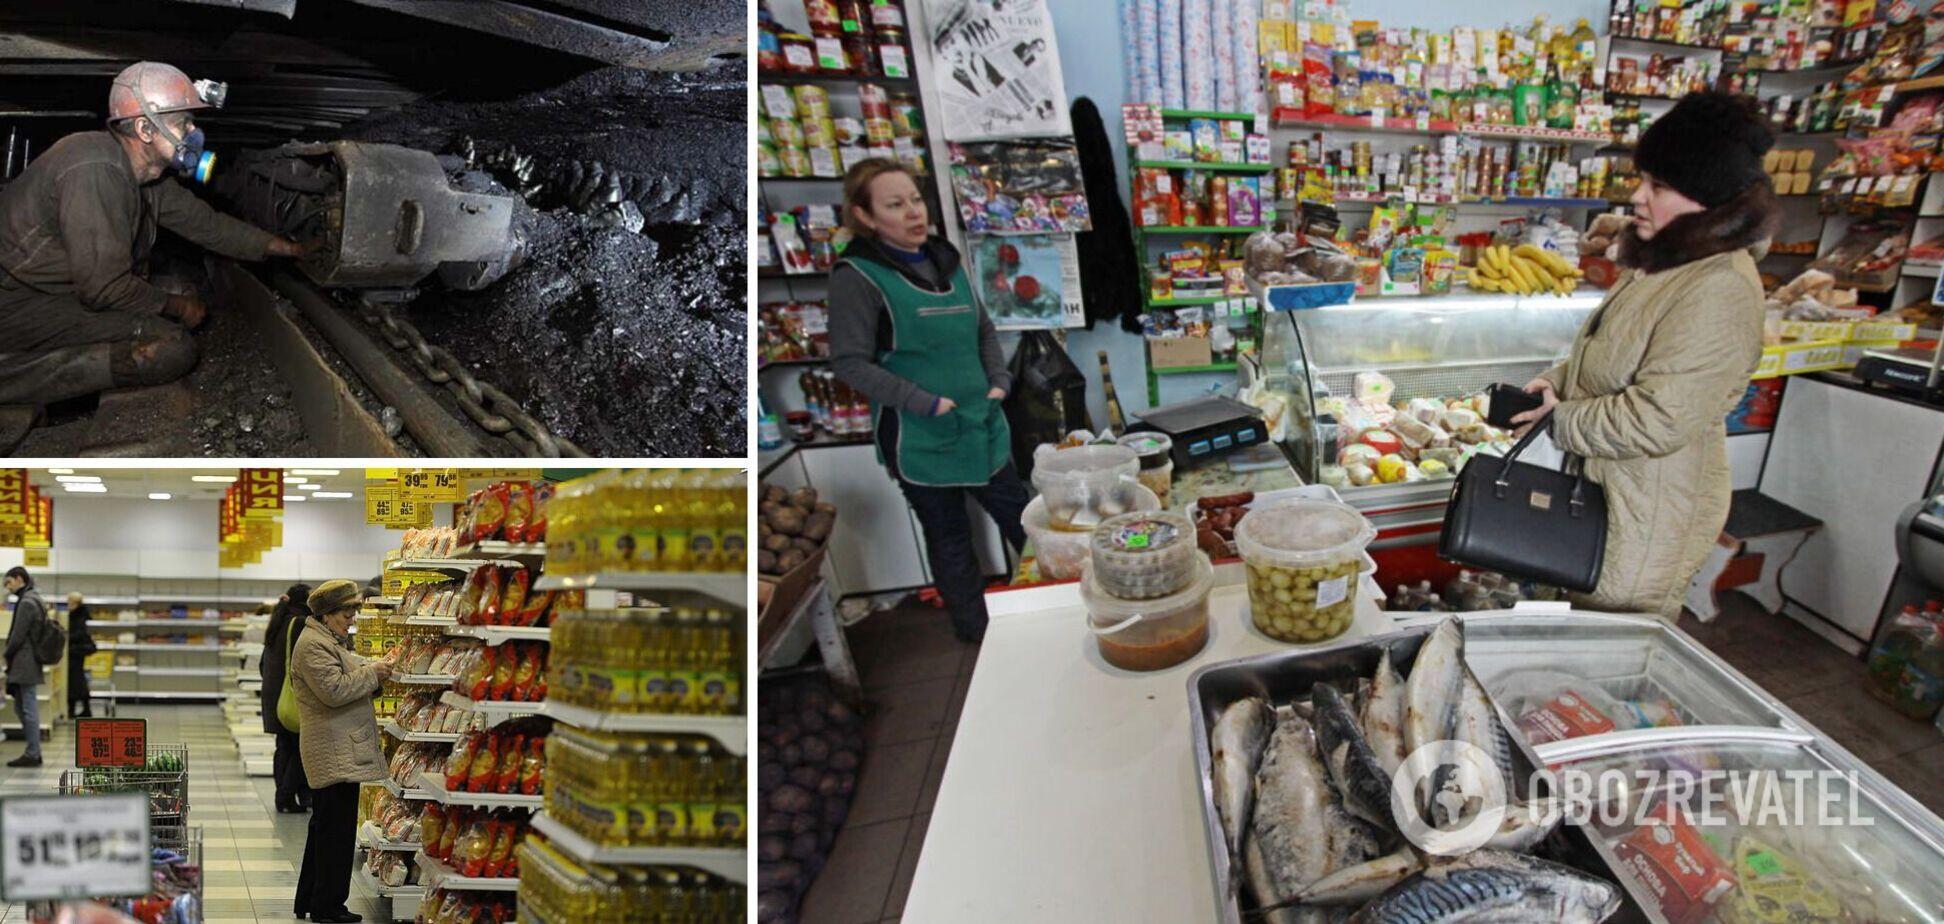 'Пришлось положить зубы на полку': в 'ДНР' резко выросли цены, а необходимые продукты исчезли из магазинов